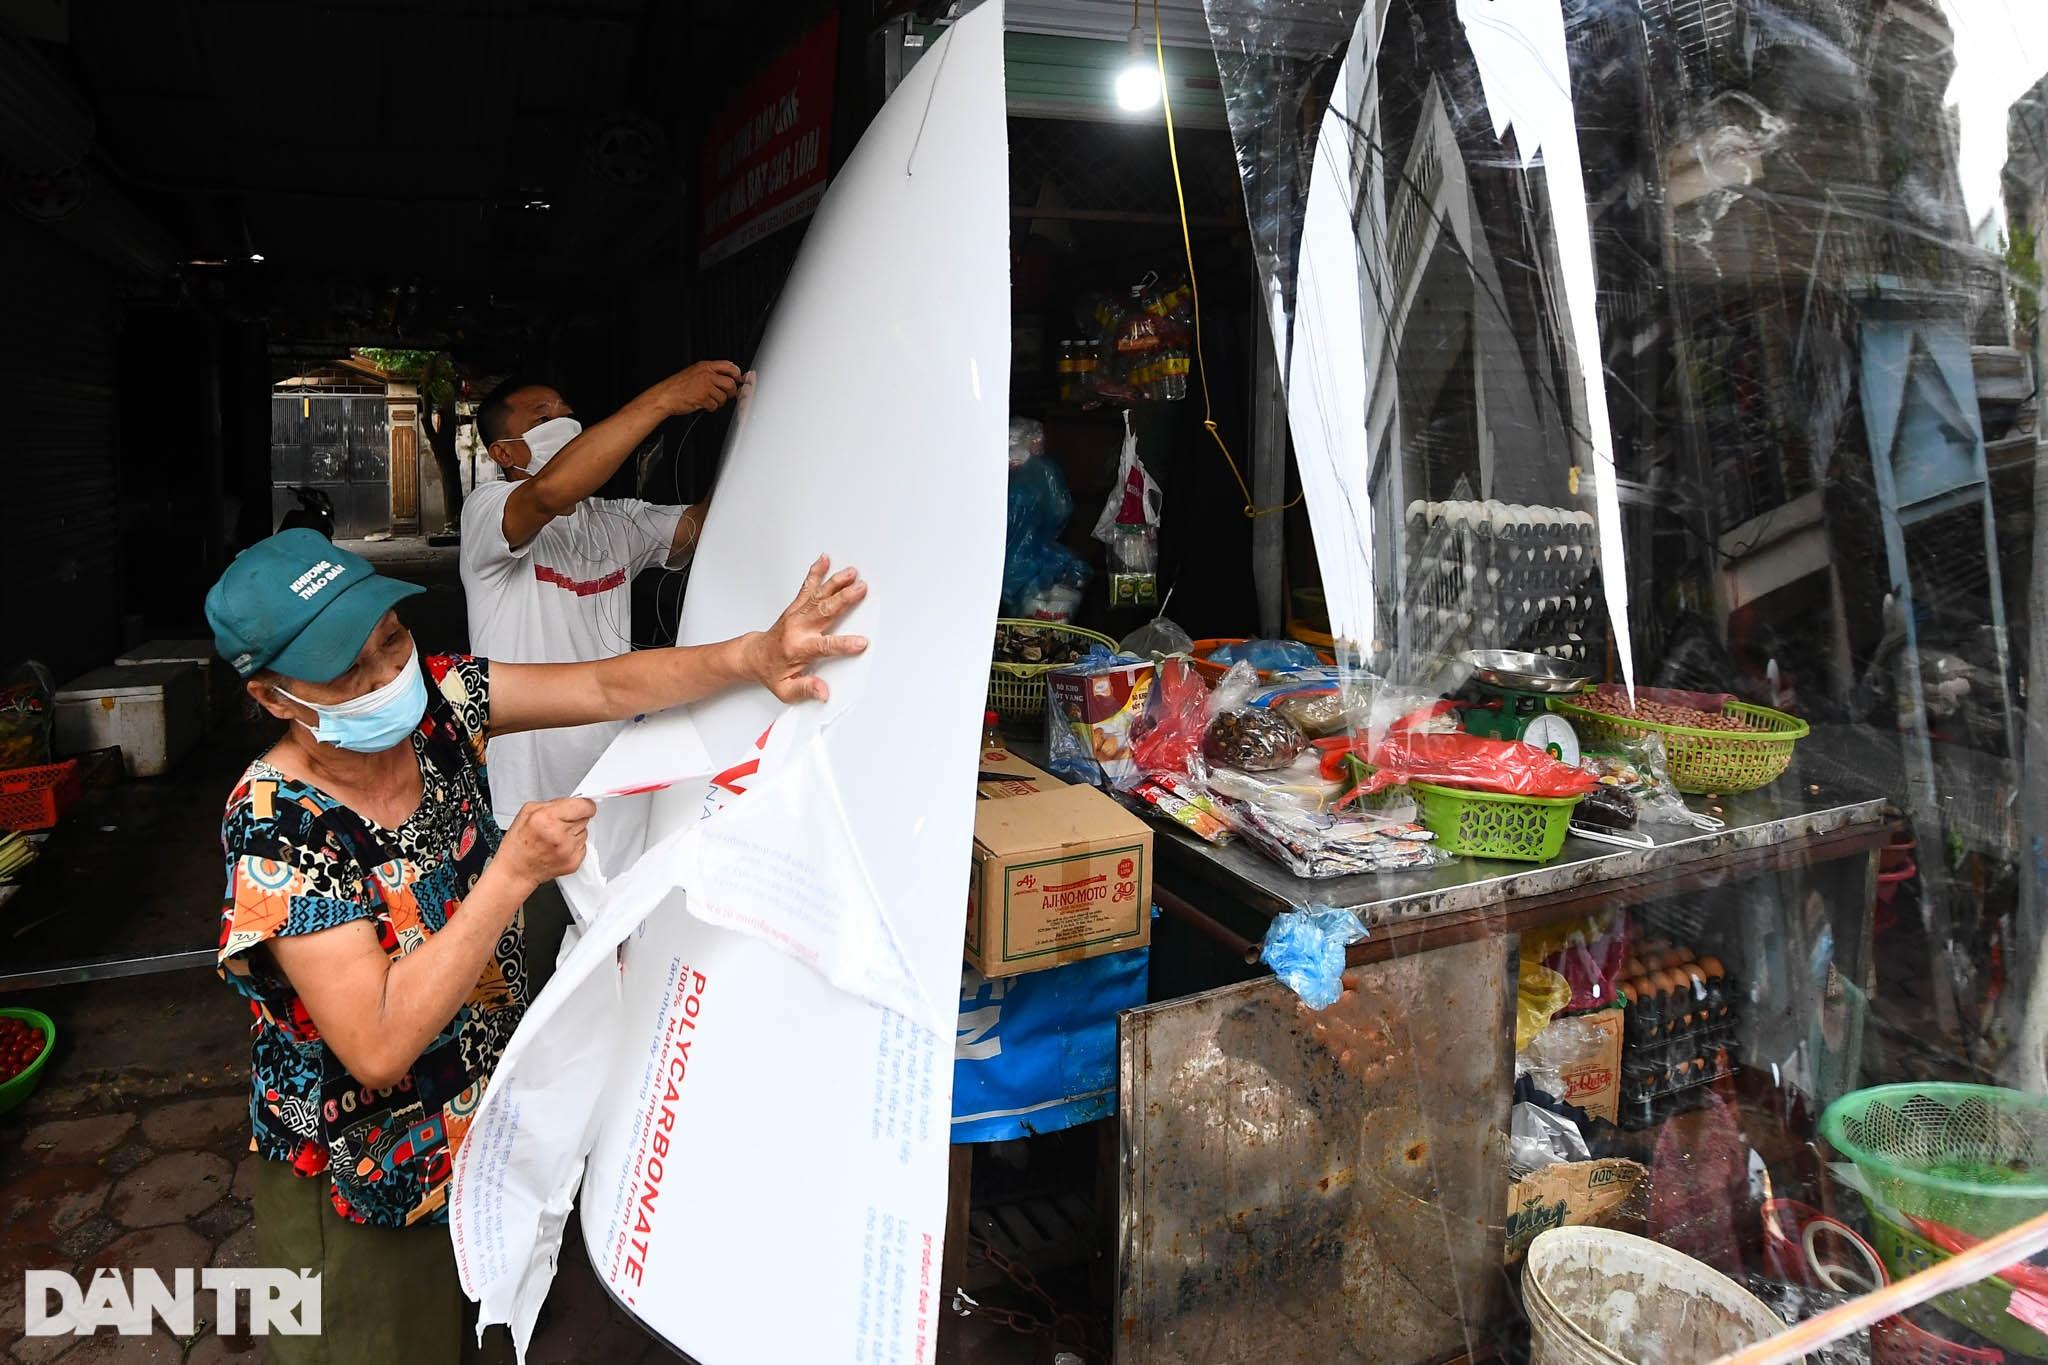 Độc đáo những phương pháp phòng dịch tại các chợ dân sinh ở Hà Nội - 4